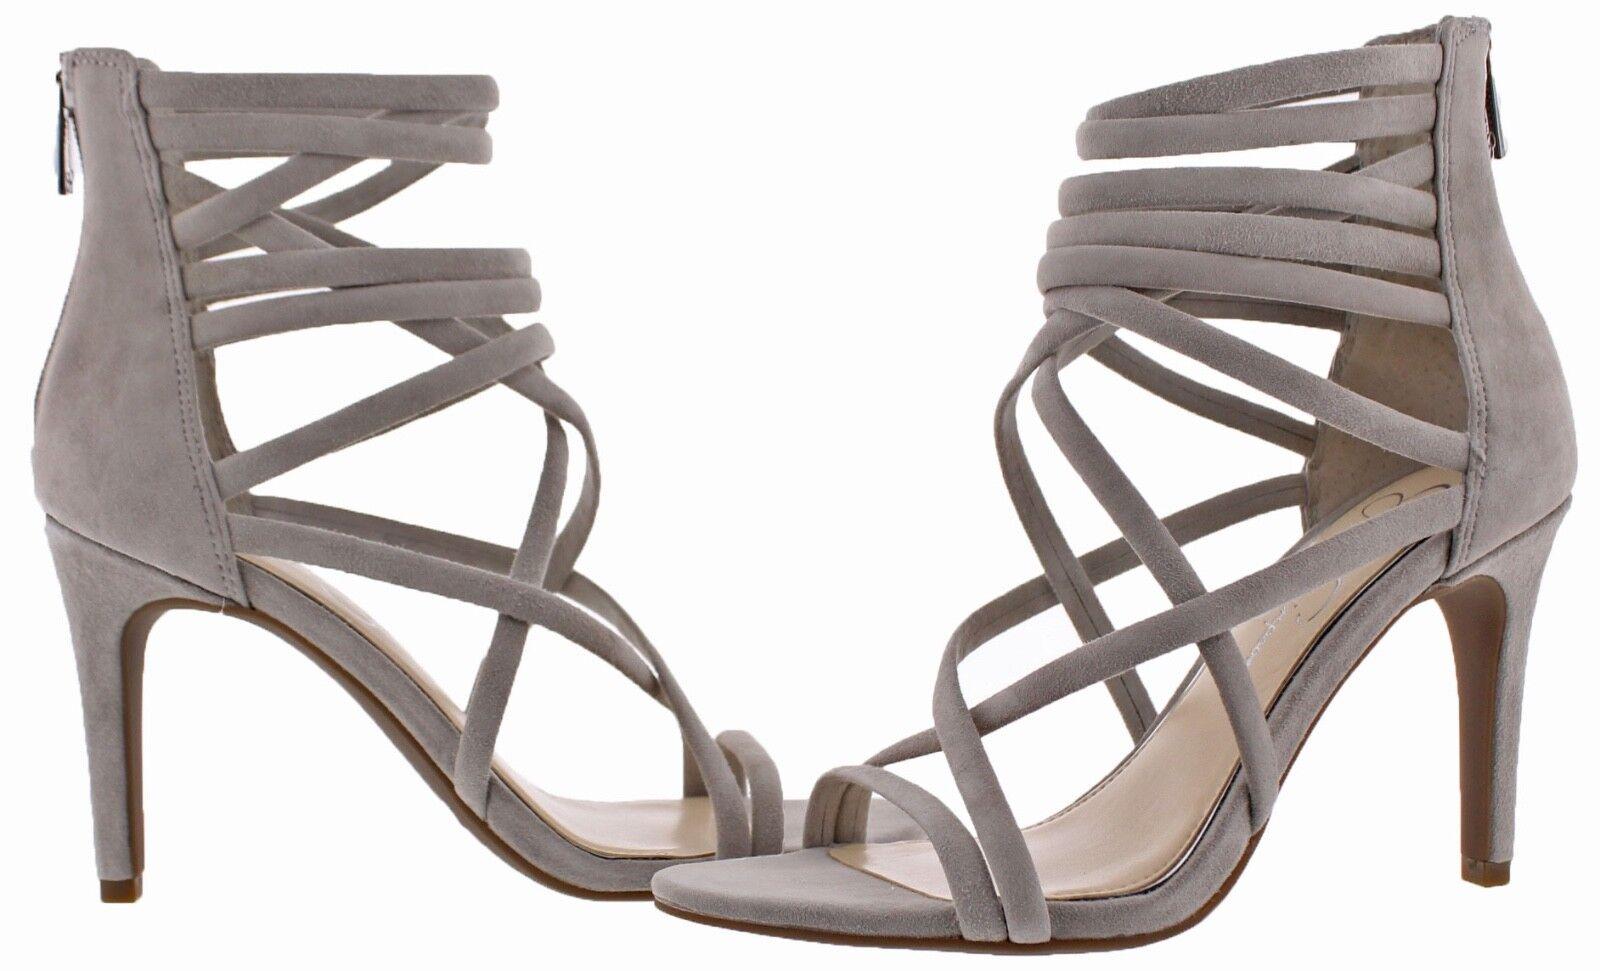 JESSICA SIMPSON Harmoni Sandal Heels Taupe Dimensione US8.5 EU39